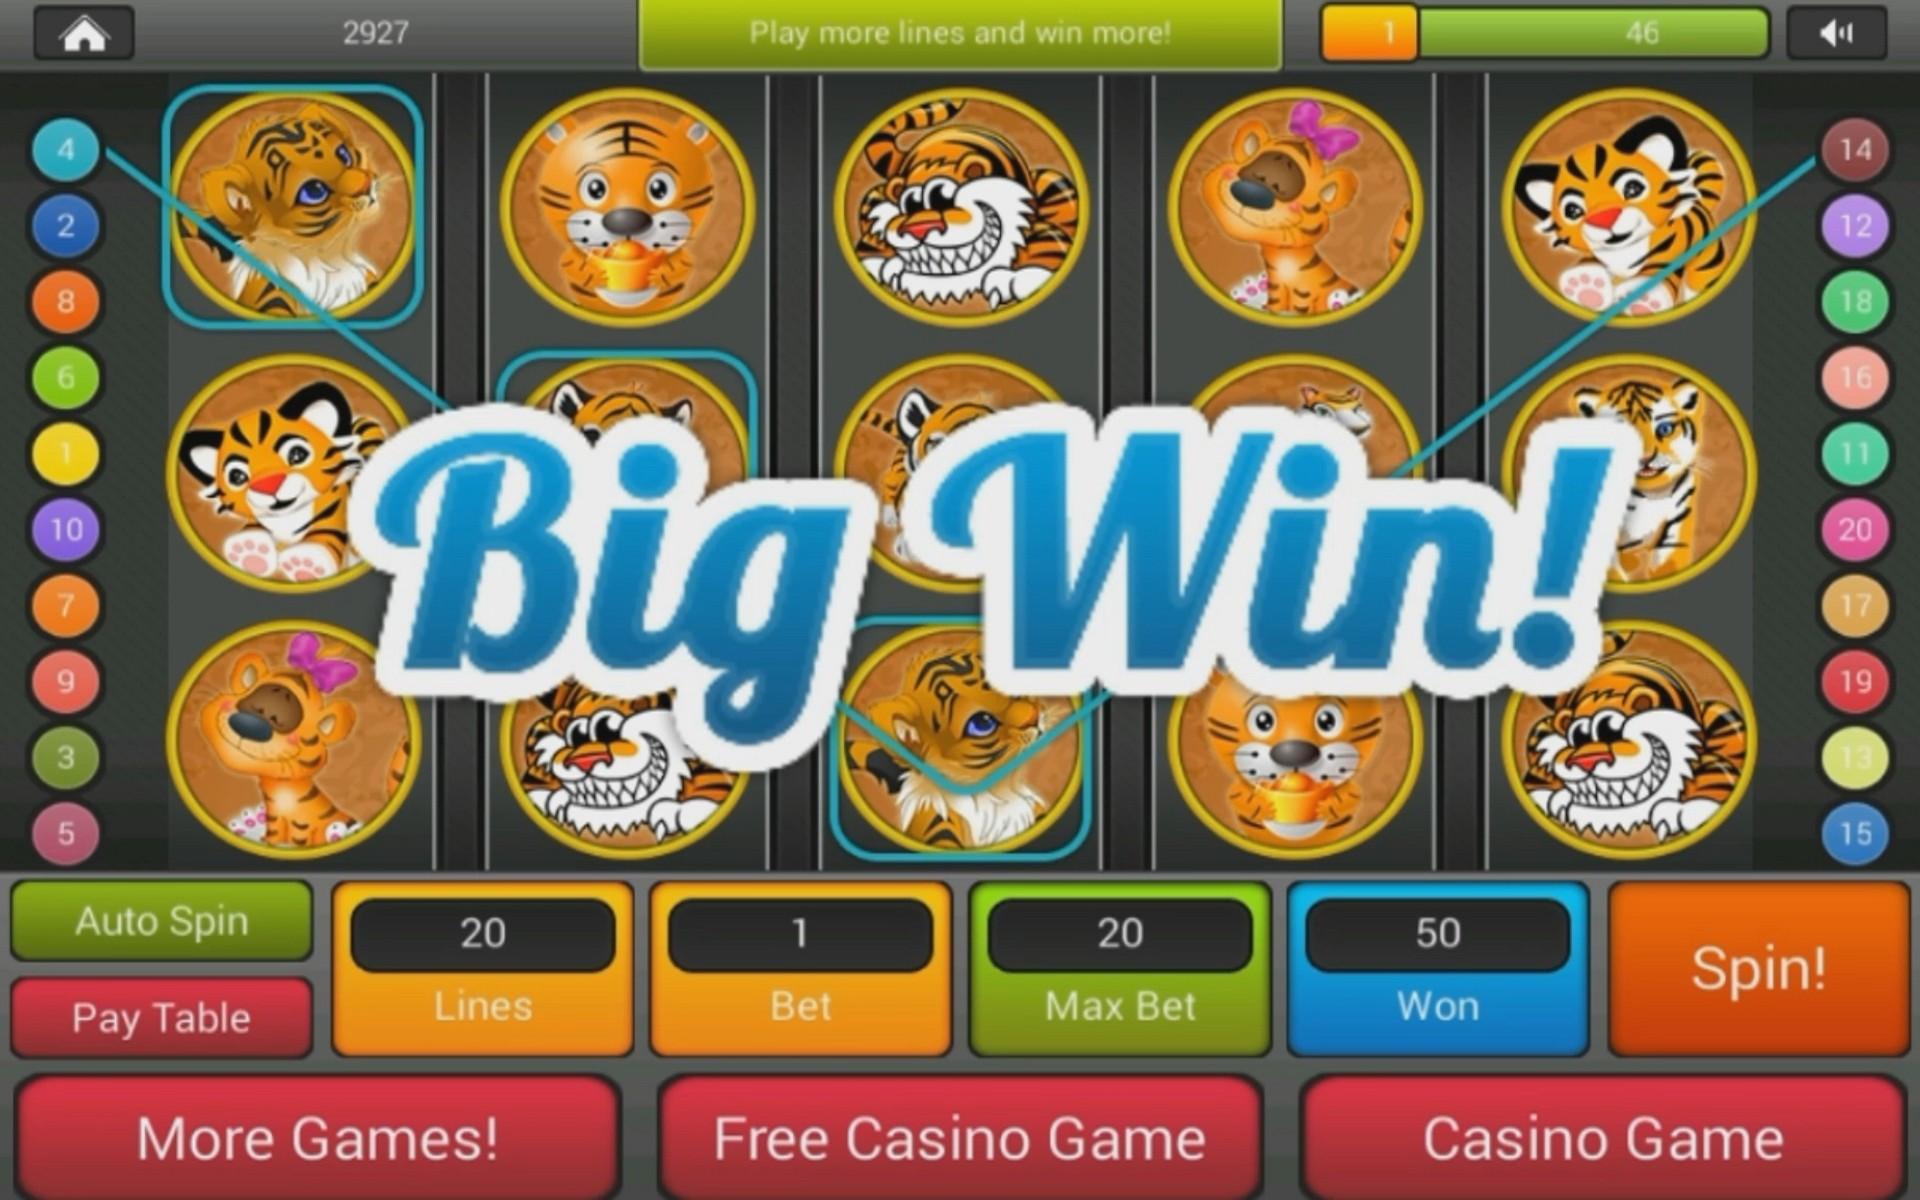 Juegos tragamonedas chinas gratis como jugar loteria Santiago - 86258